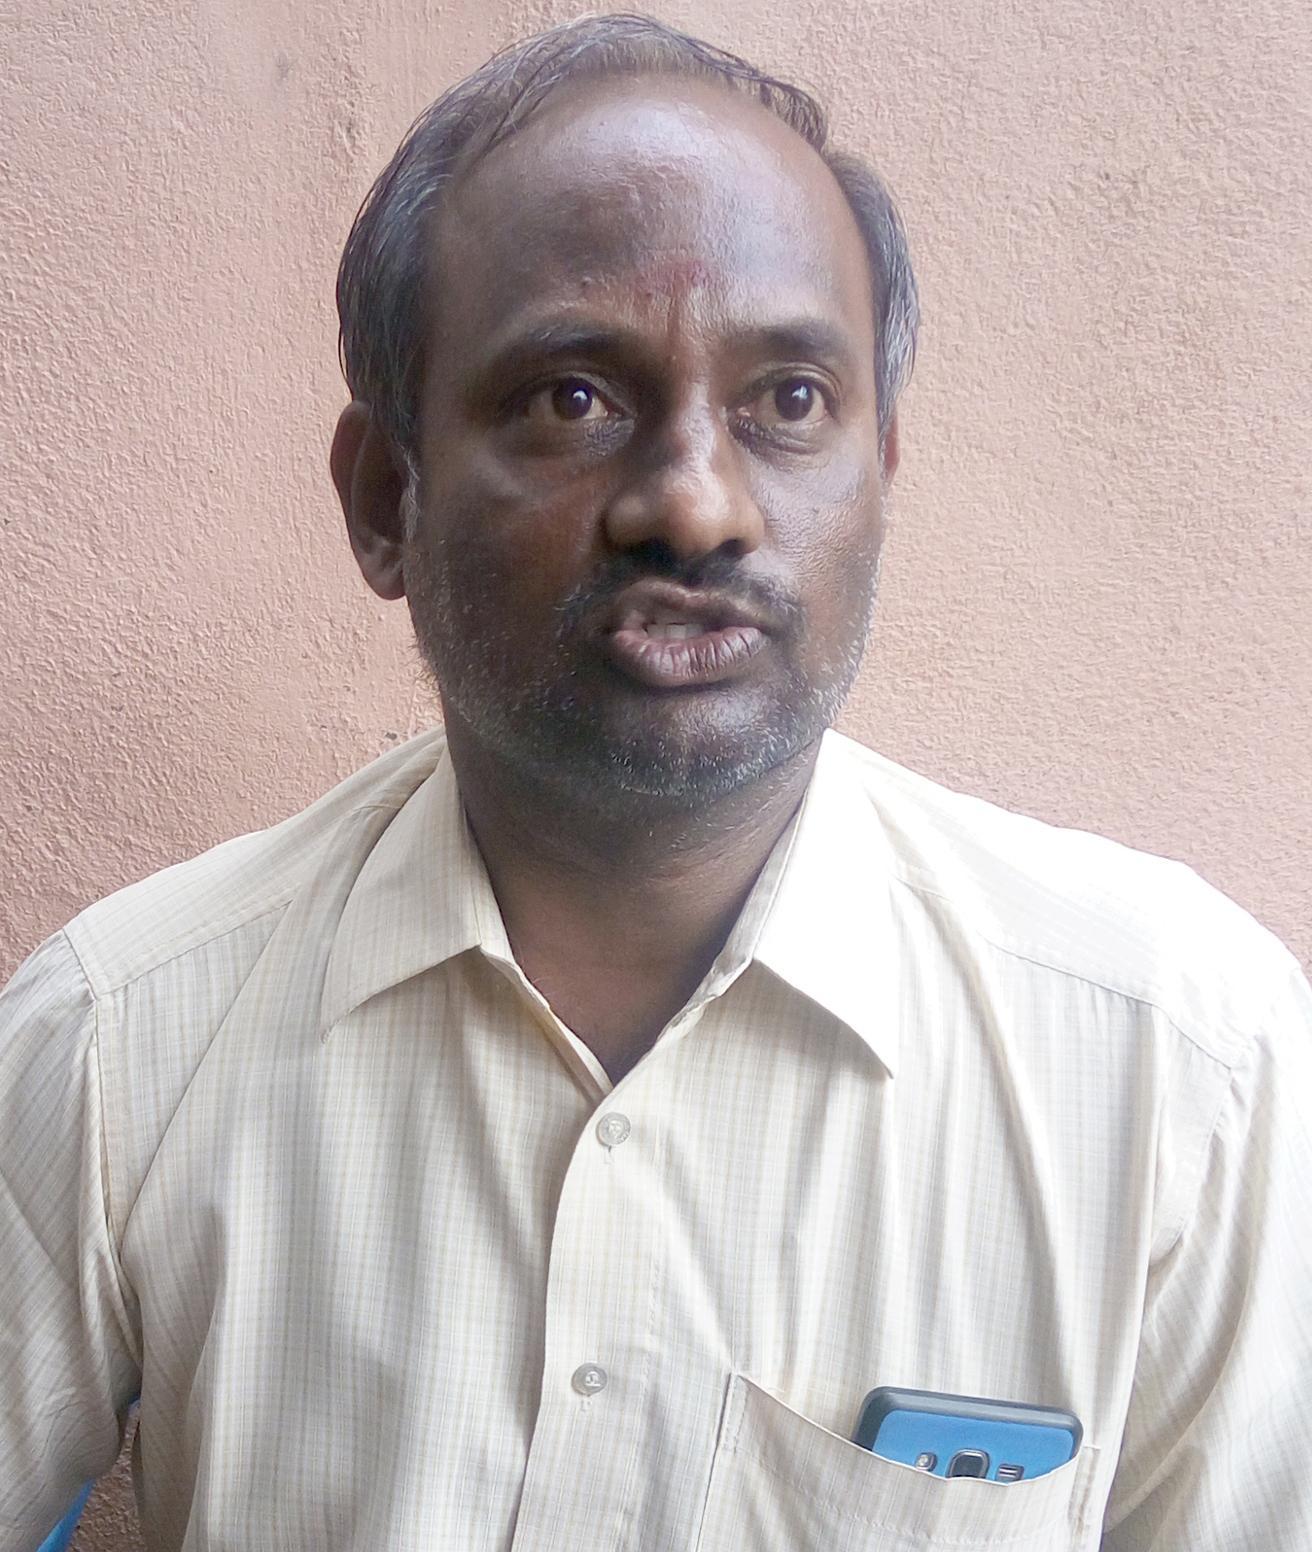 சமூக ஆர்வலர் ராமமூர்த்தி